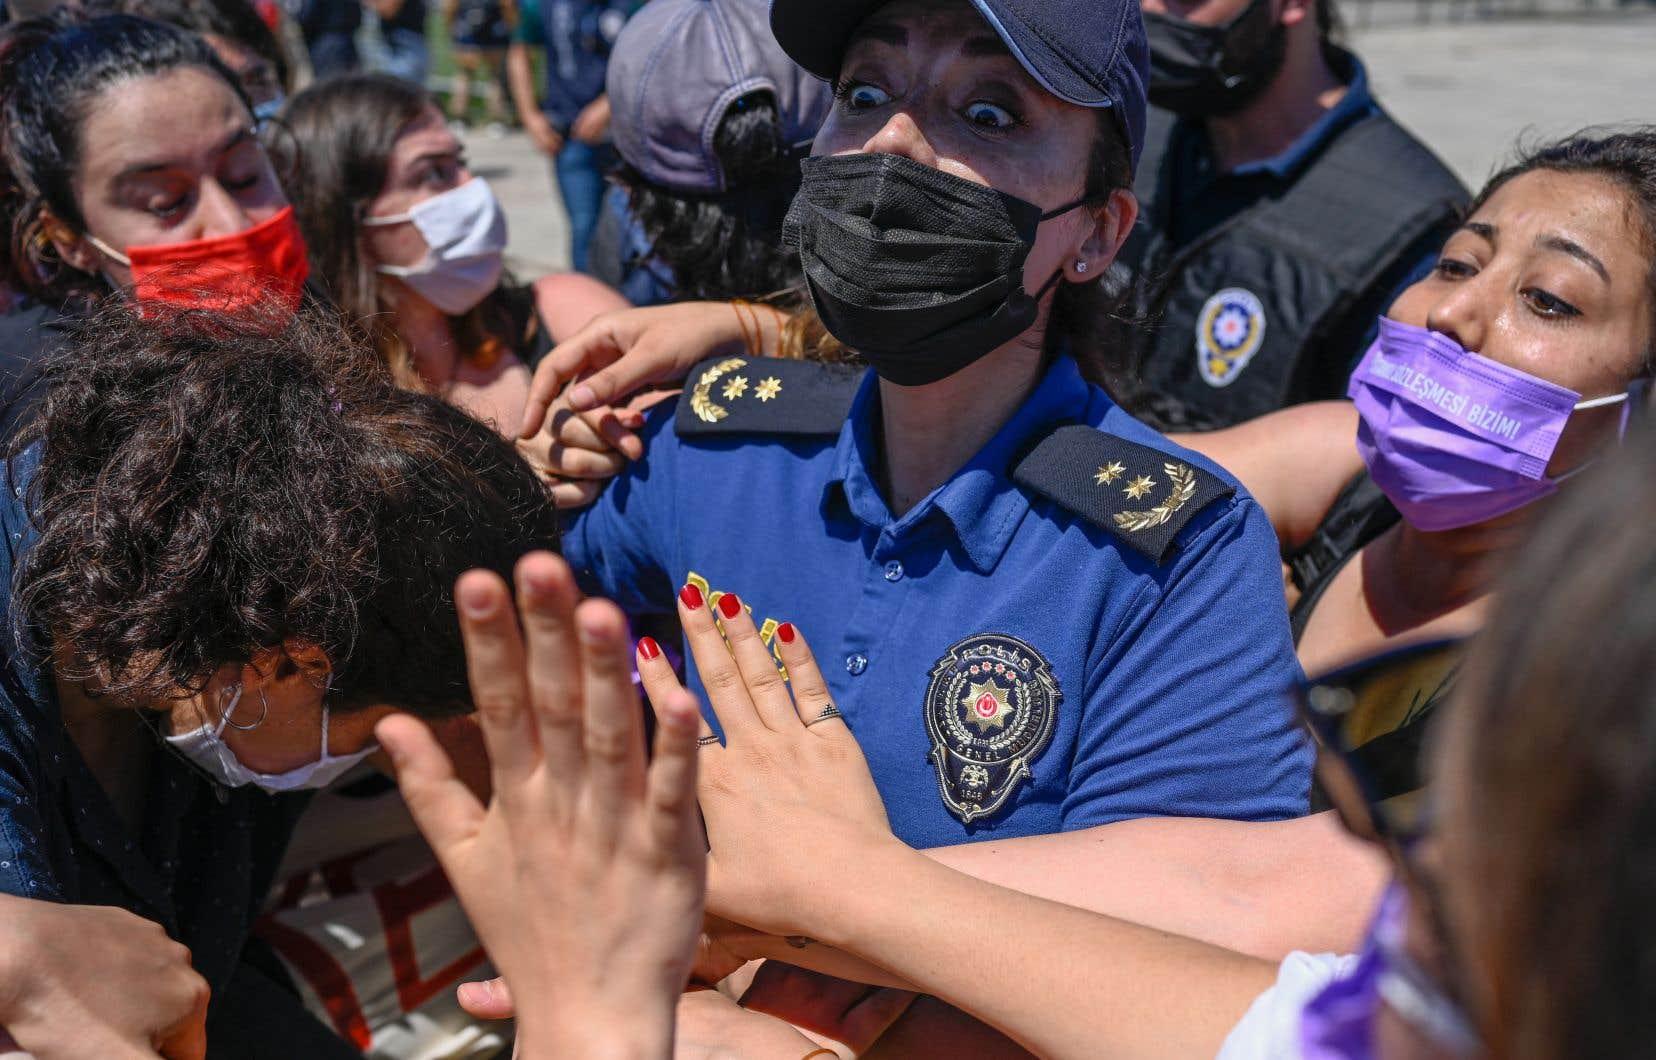 Des centaines de femmes sont venues des quatre coins du pays, dont les provinces de Bursa (nord-ouest) et Mardin (sud-est), pour cette manifestation dans le district de Maltepe, situé sur la rive asiatique d'Istanbul.